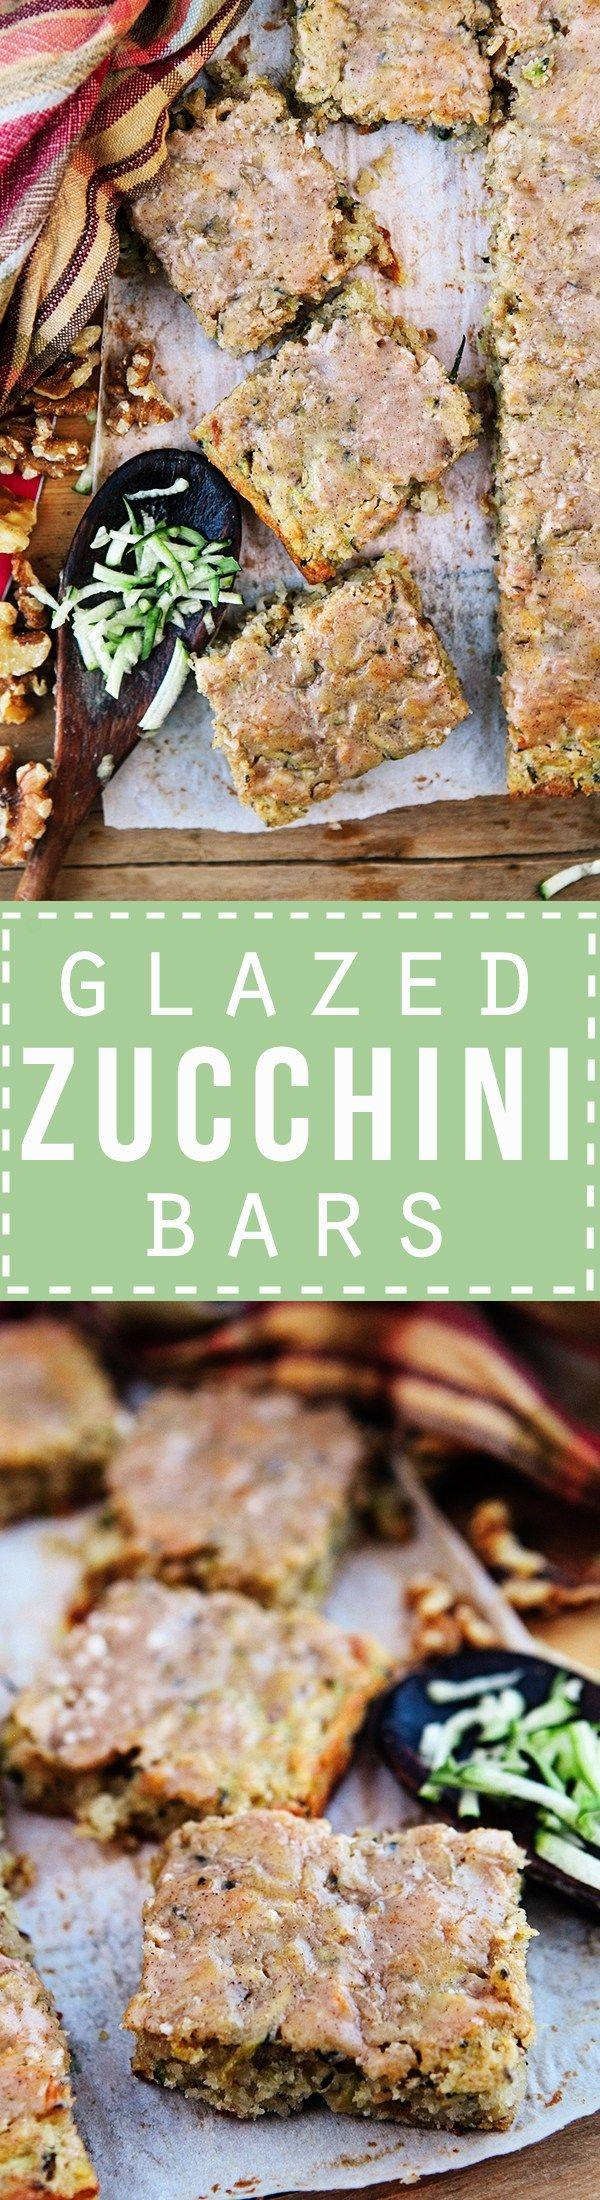 Zucchini Bars with Cinnamon Glaze